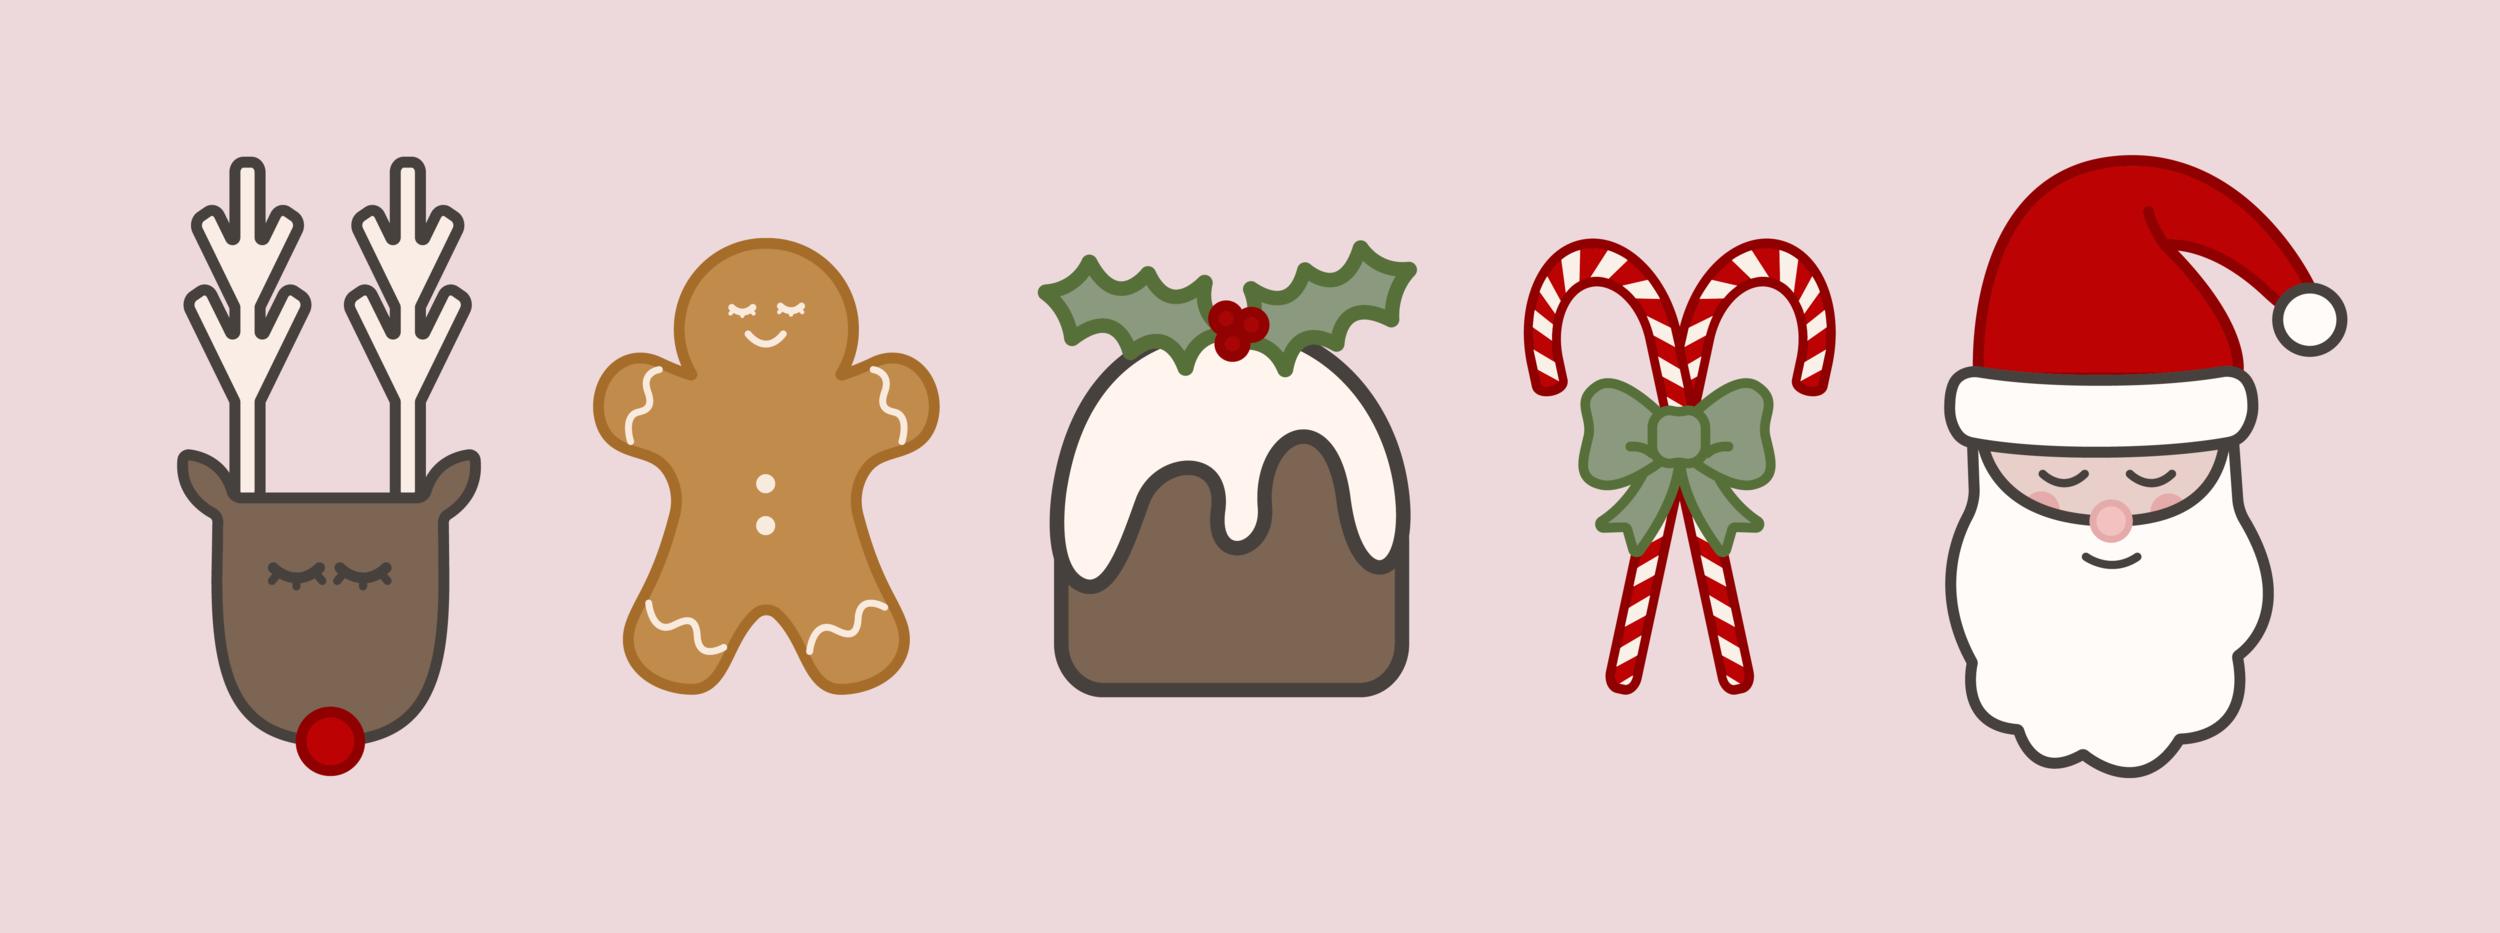 Christmas Icons.png